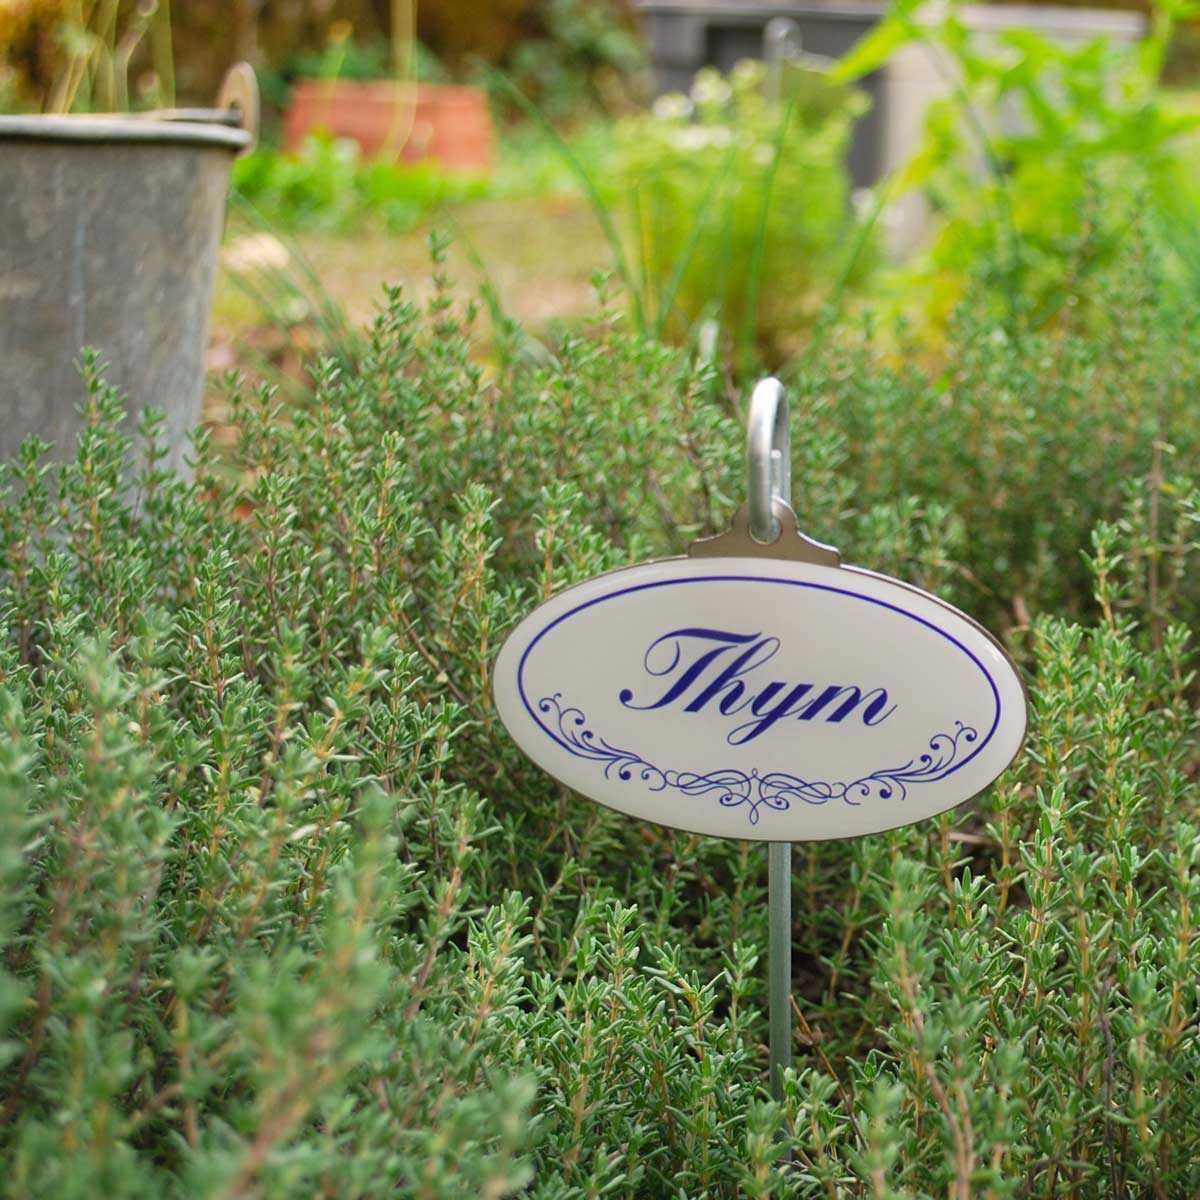 Etiquettes De Jardin Plantes Aromatiques Vintage concernant Etiquettes Jardin